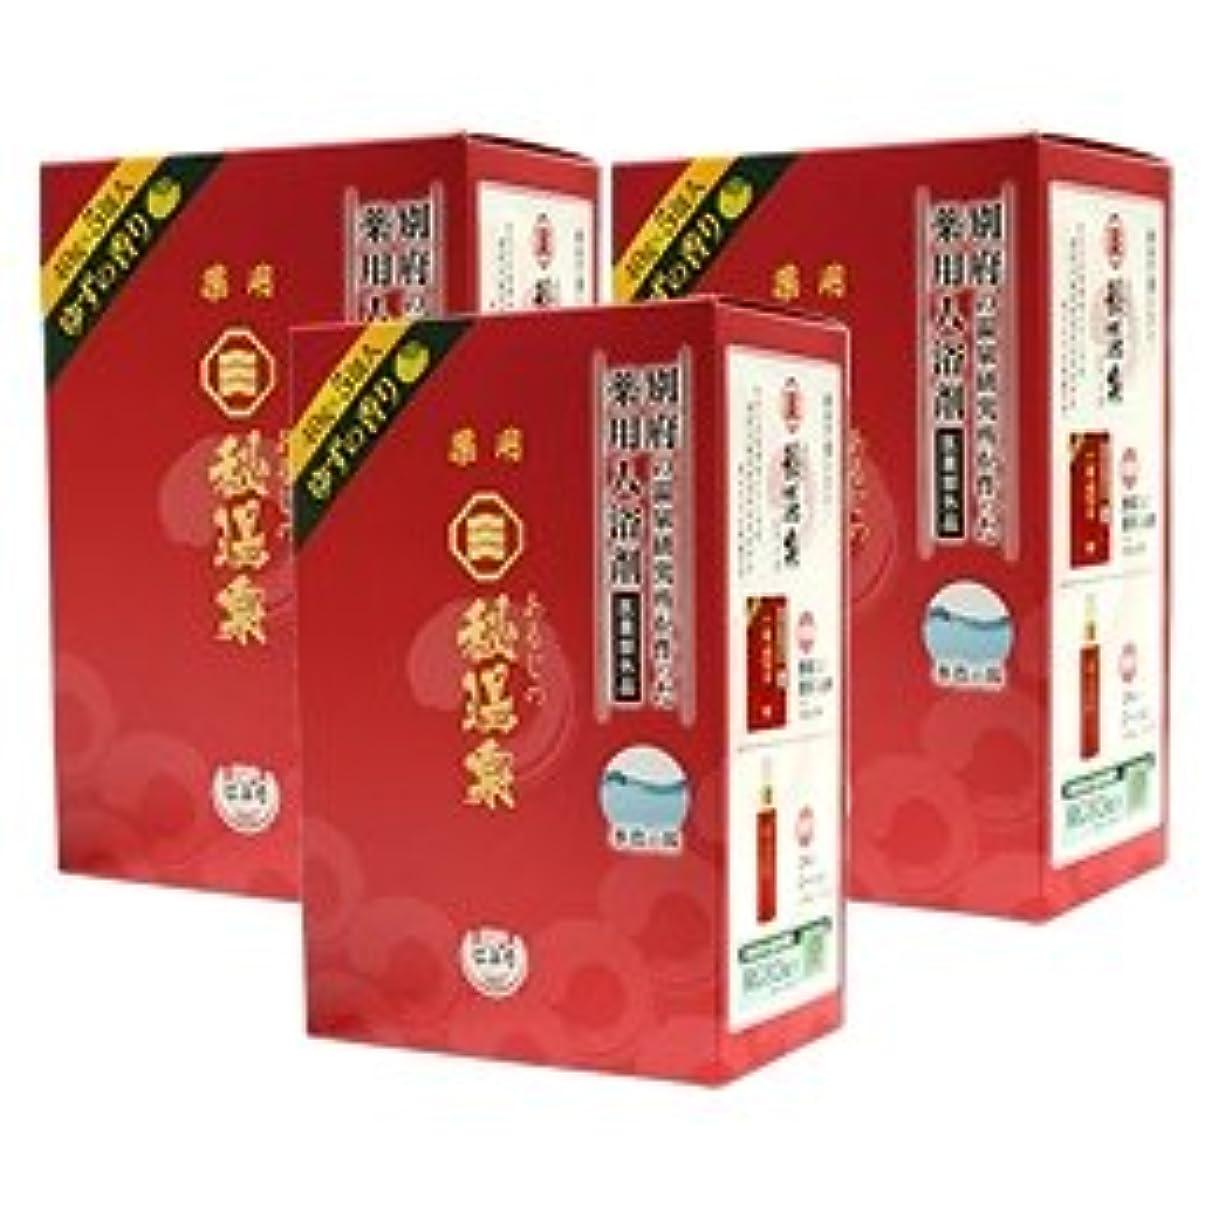 人物浴室破産薬用入浴剤 あるじの秘湯泉 ×3箱(1箱5包入り)セット